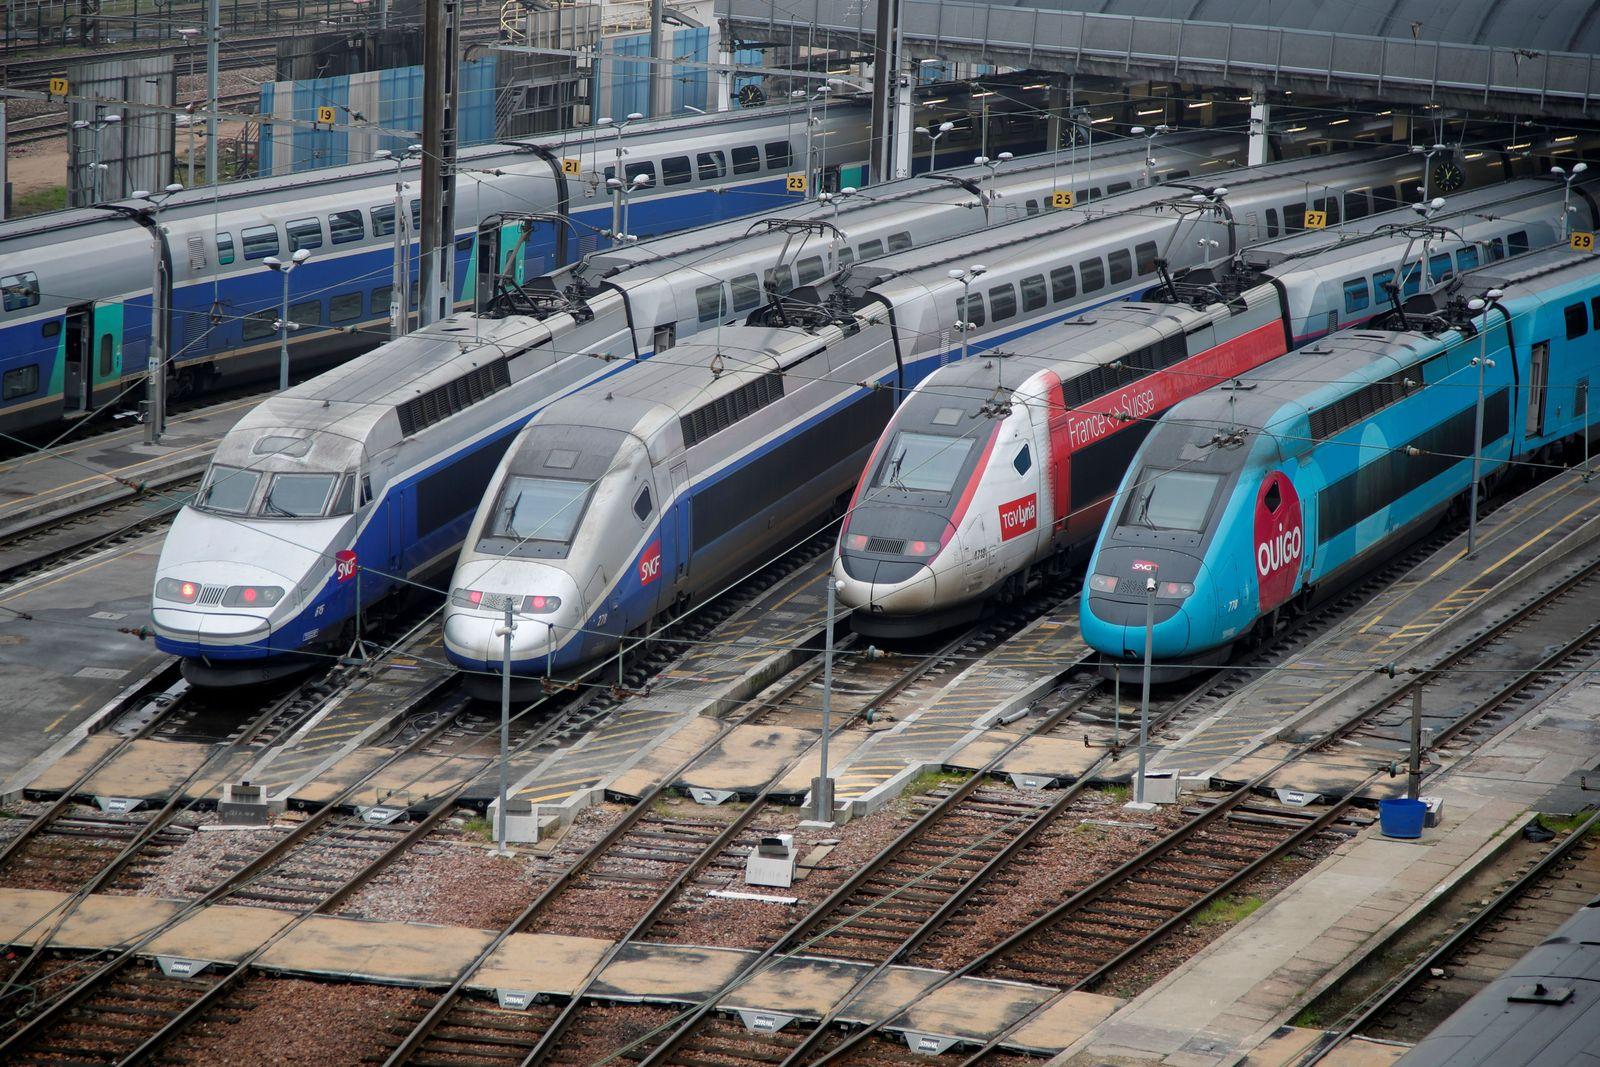 Frankreich / STreik / Züge